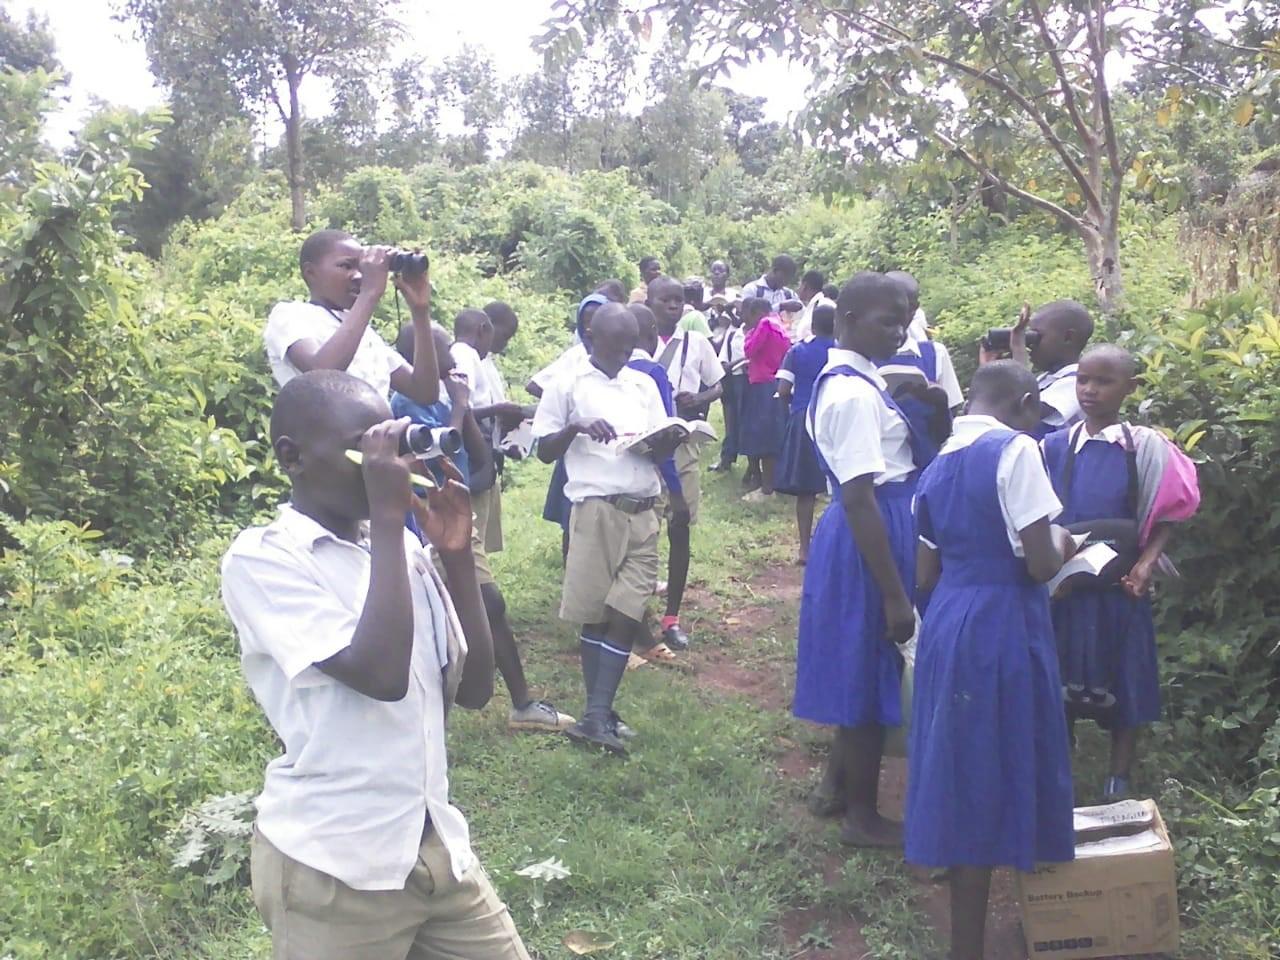 School children copy